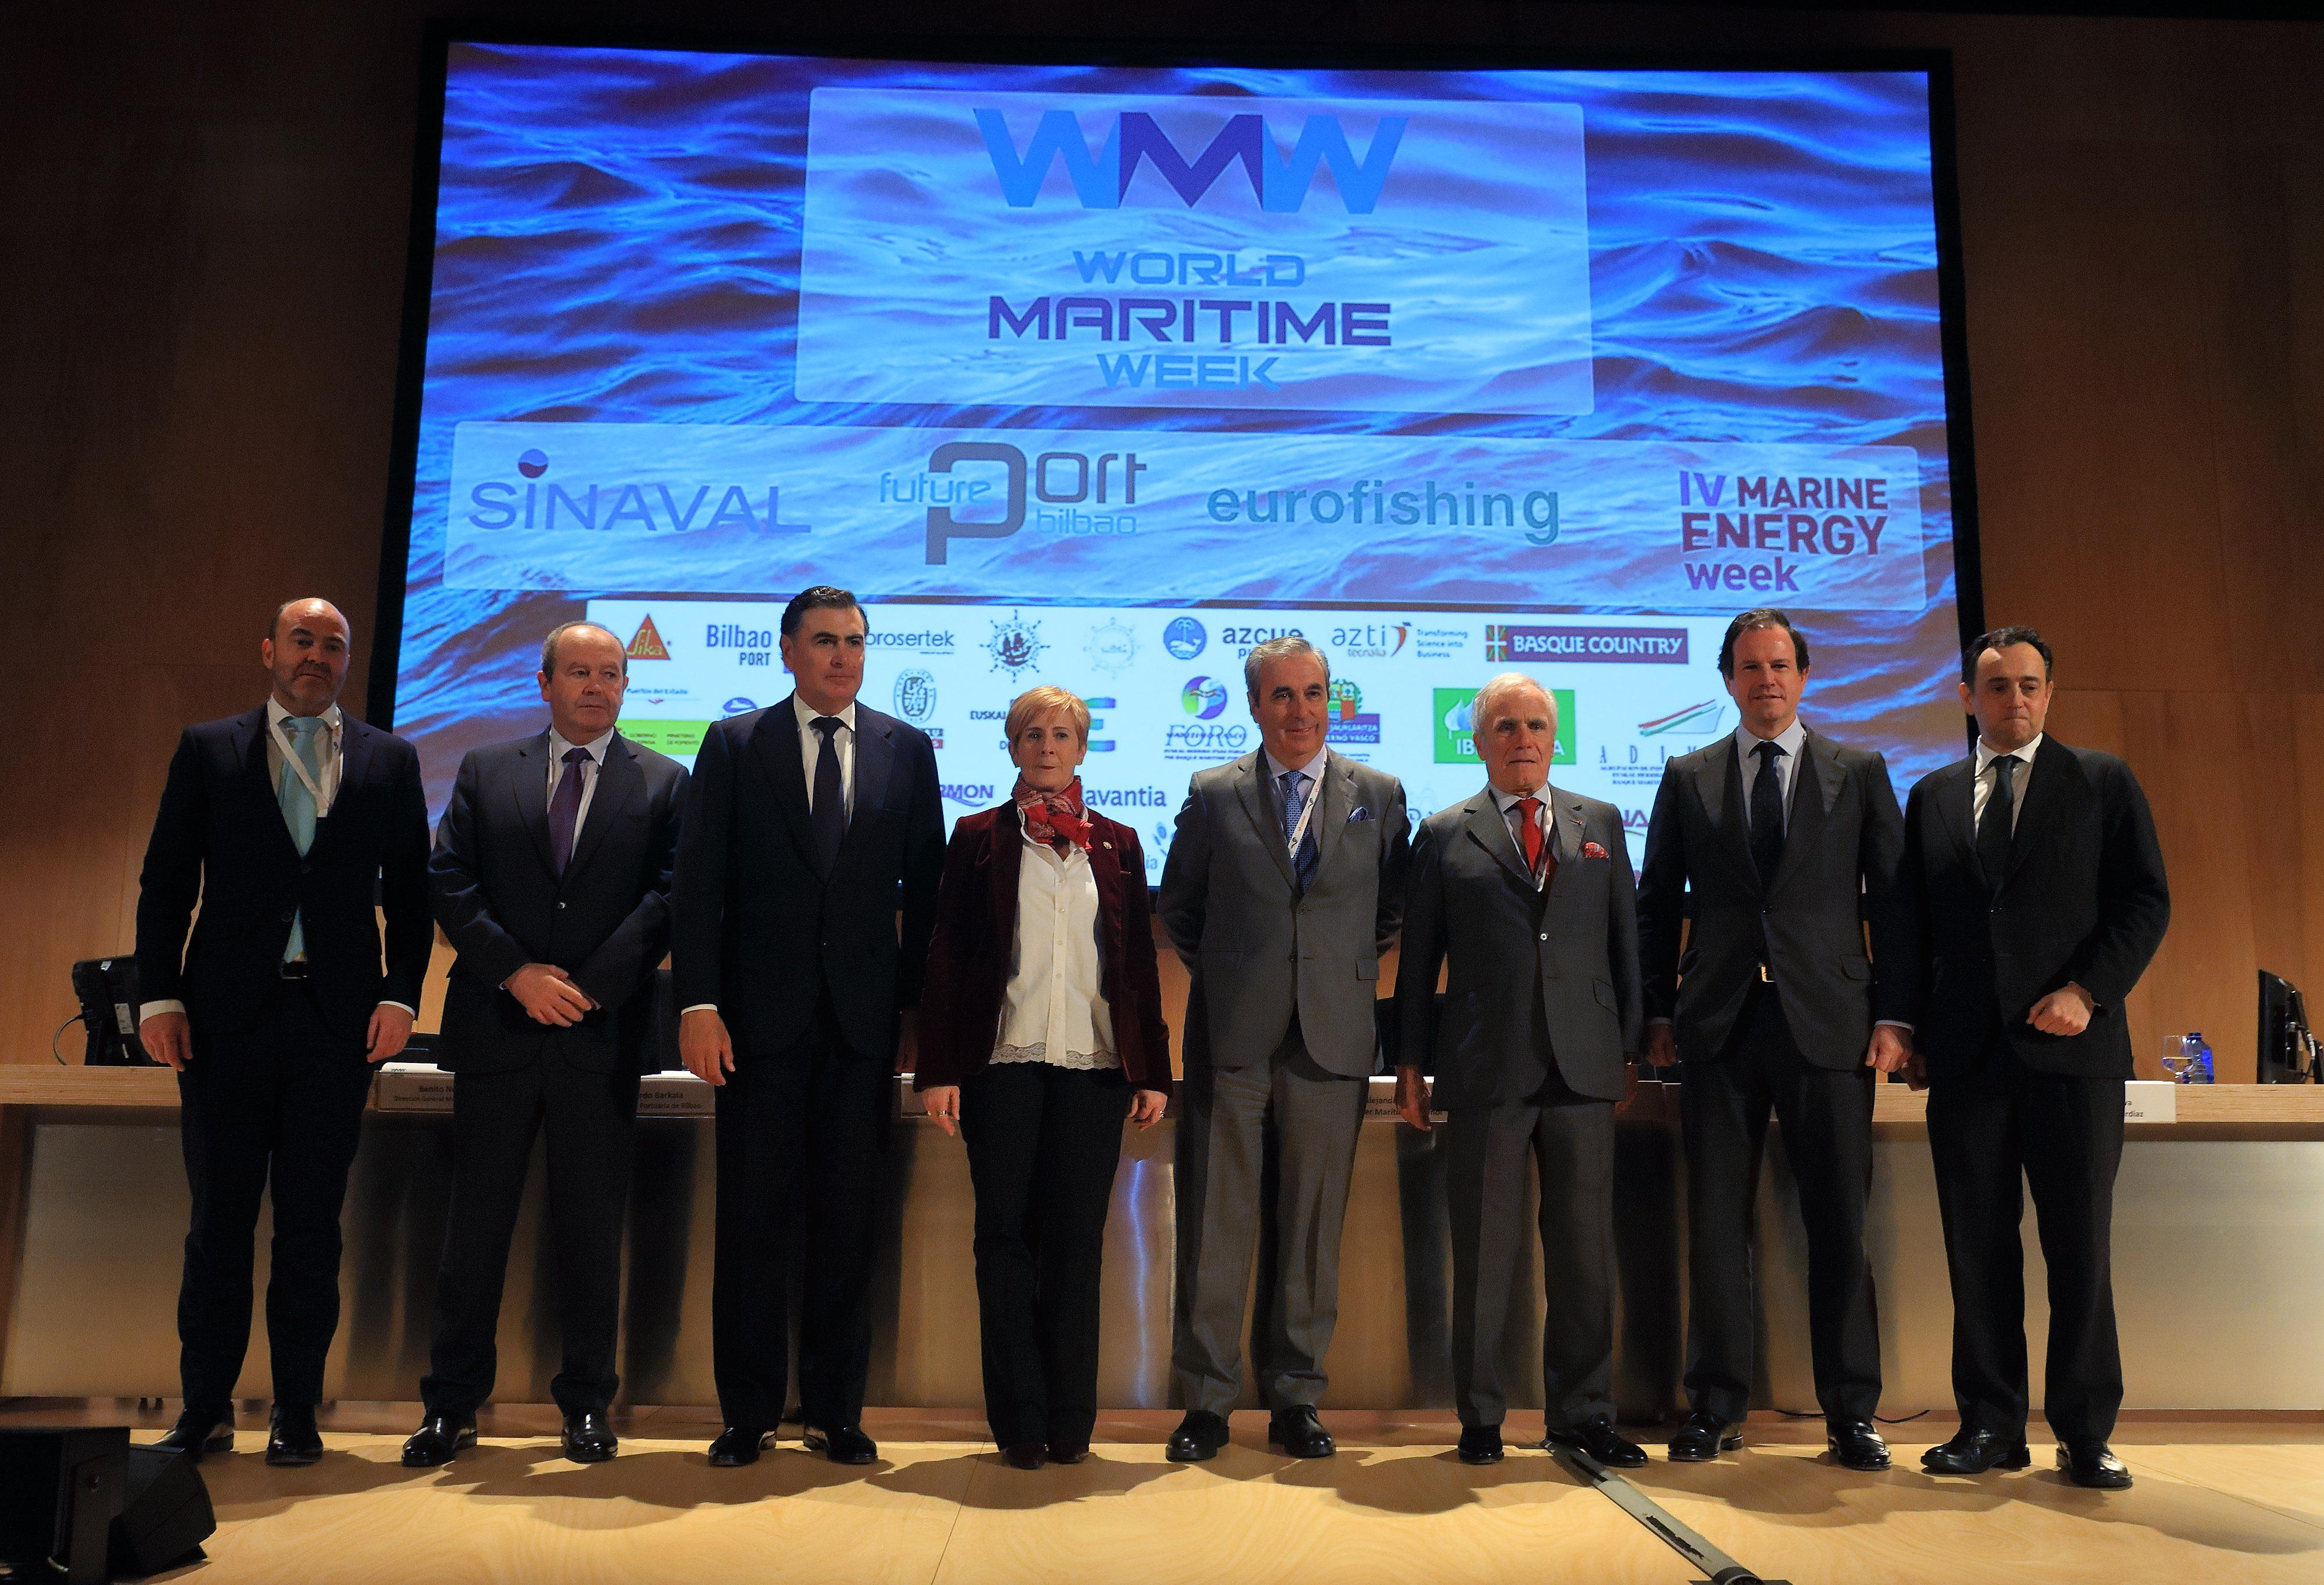 Euskadi expone su fuerza en construcción naval, puertos, pesca y energías renovables en la World Maritime Week